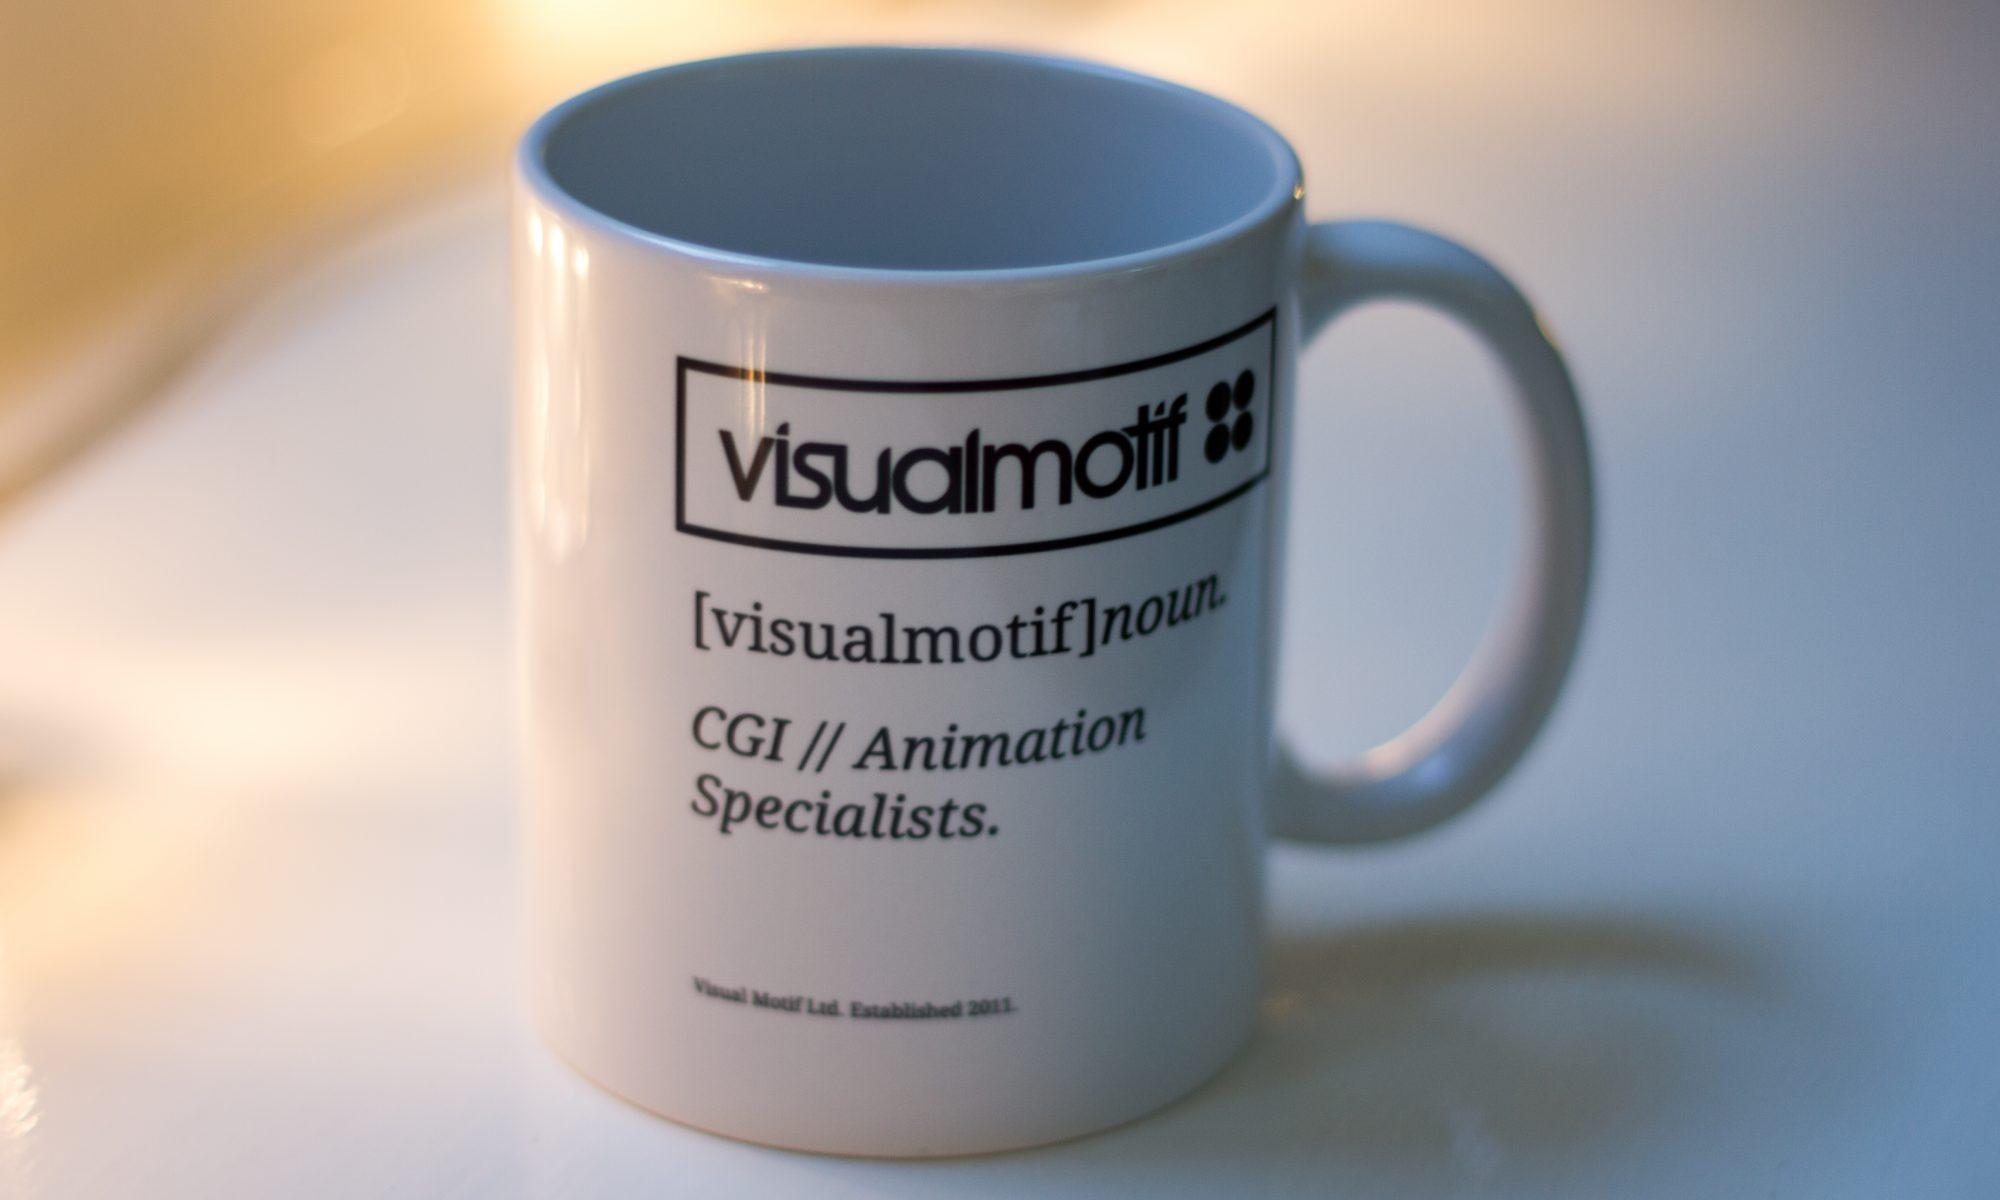 Visual Motif Ltd